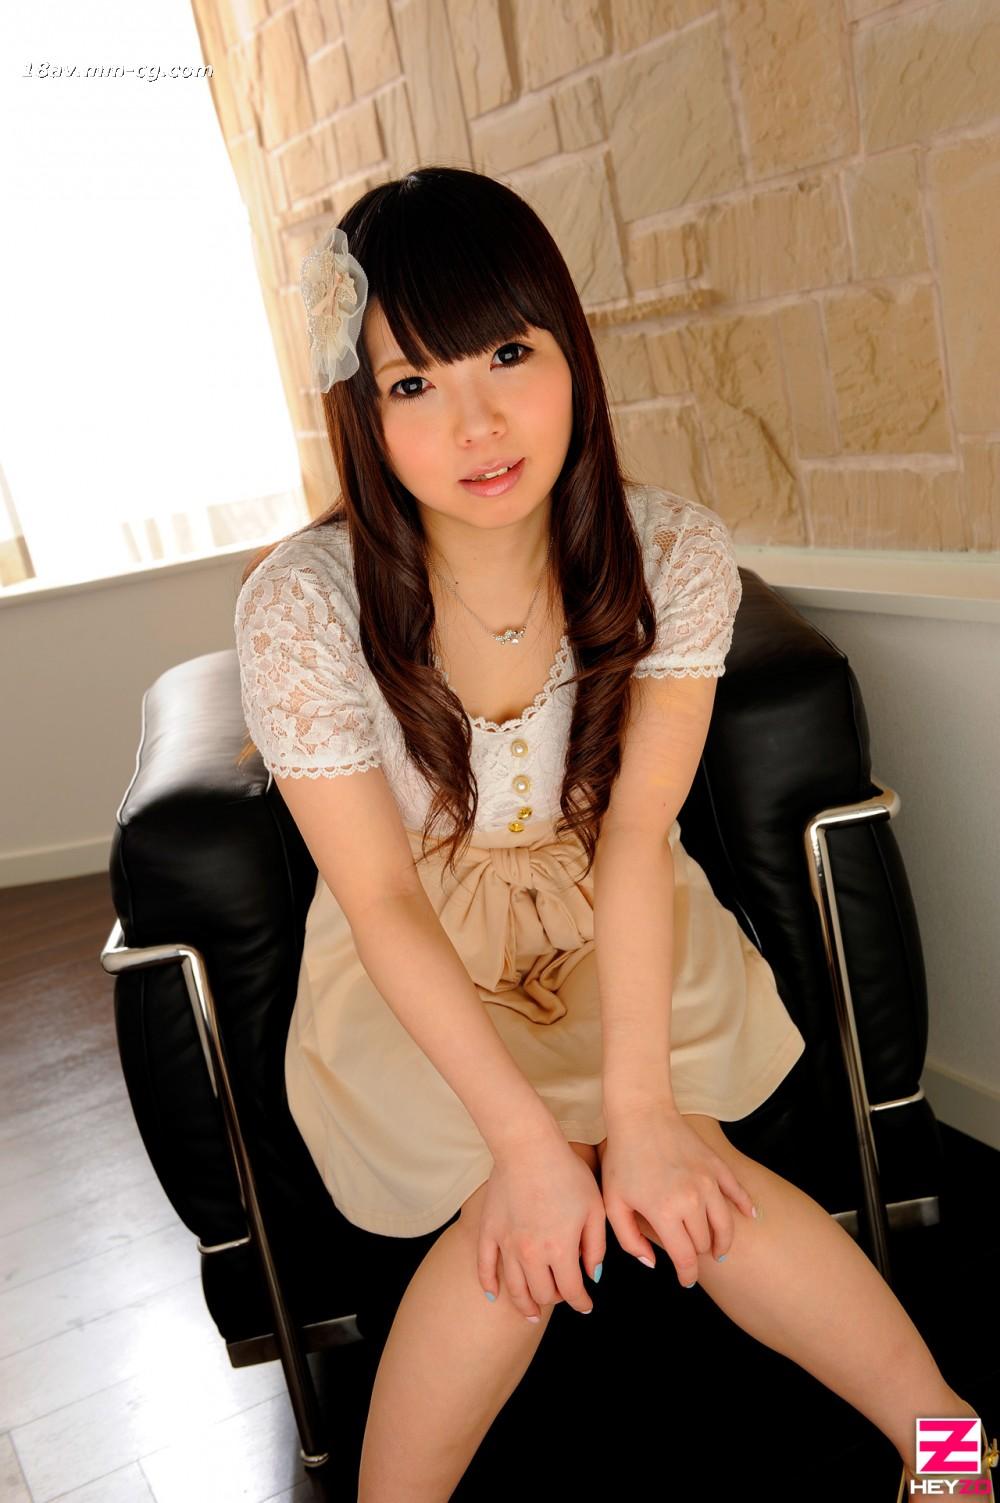 最新heyzo.com 0526 M娘 草刈 Amo